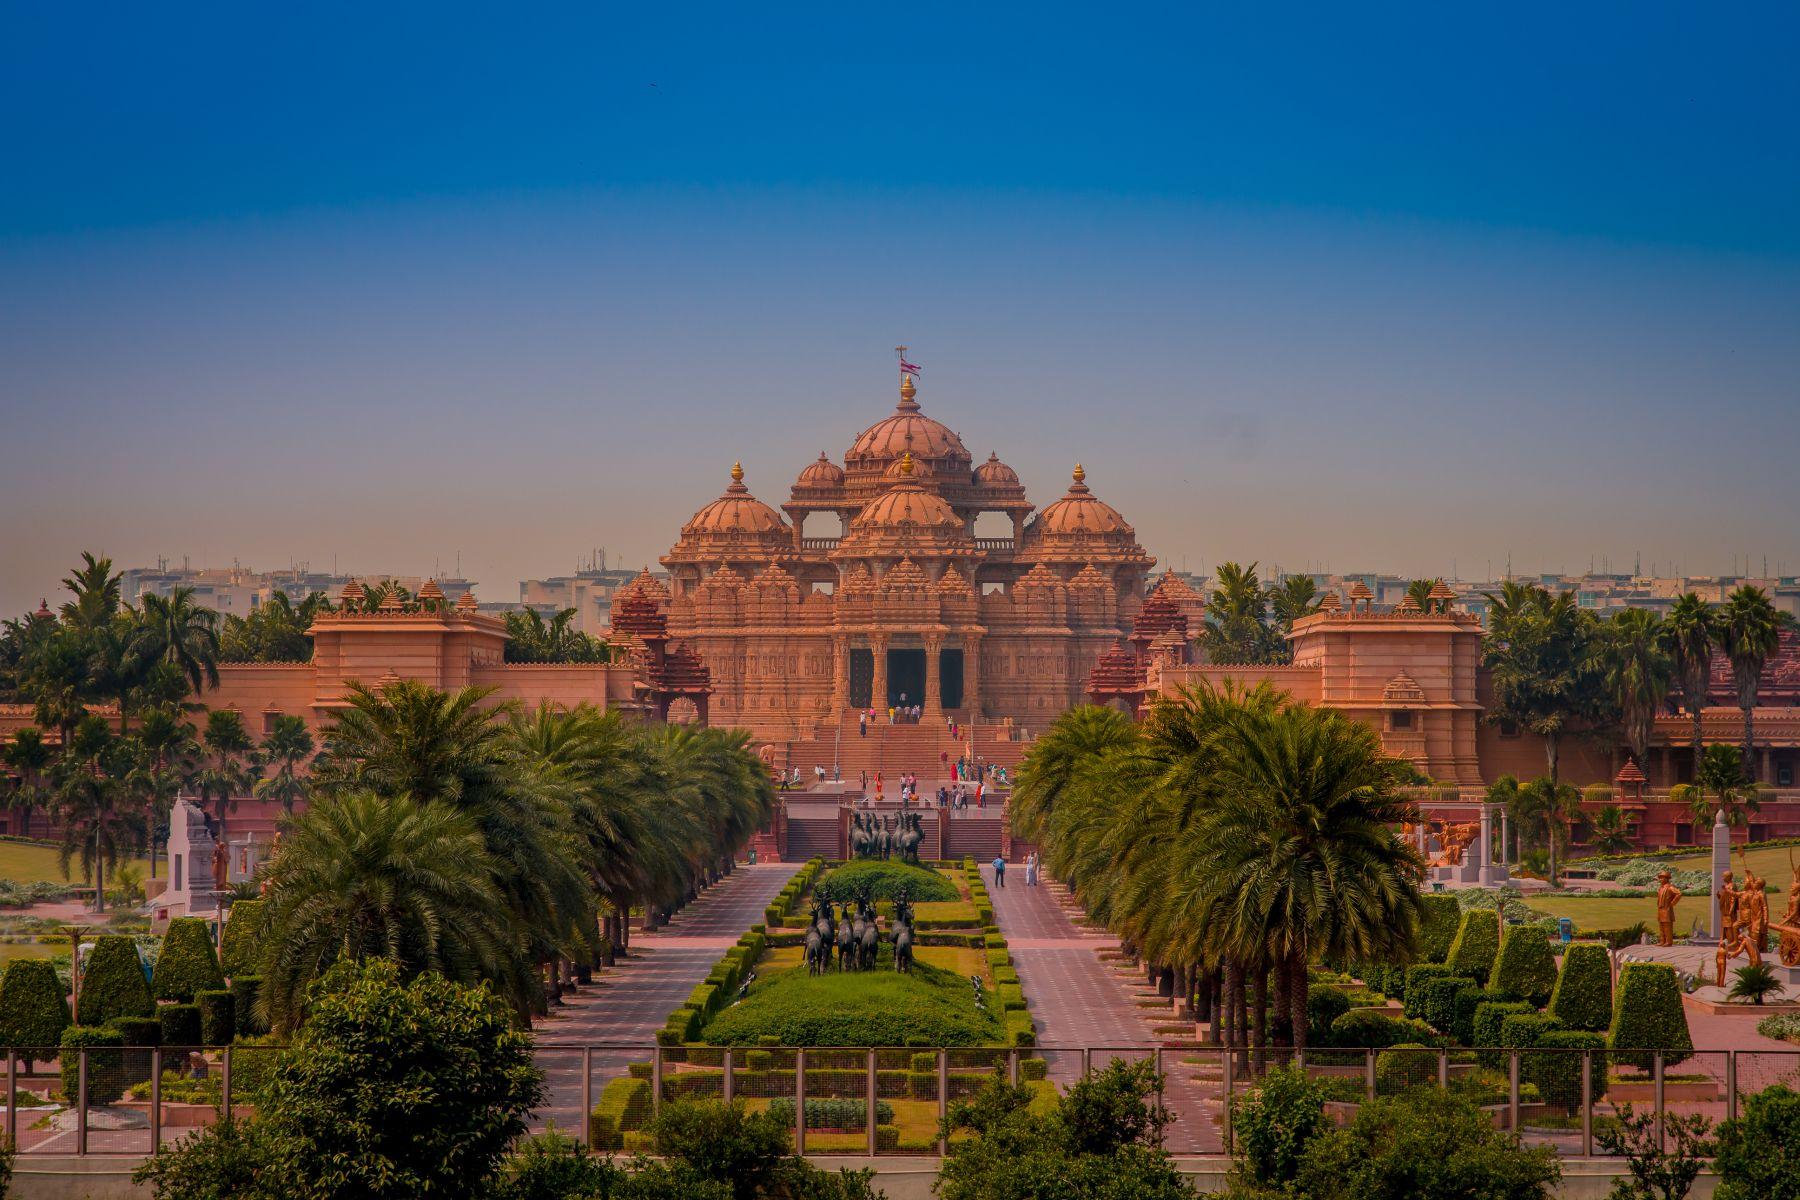 Chrám Akshardham v Jaipuru